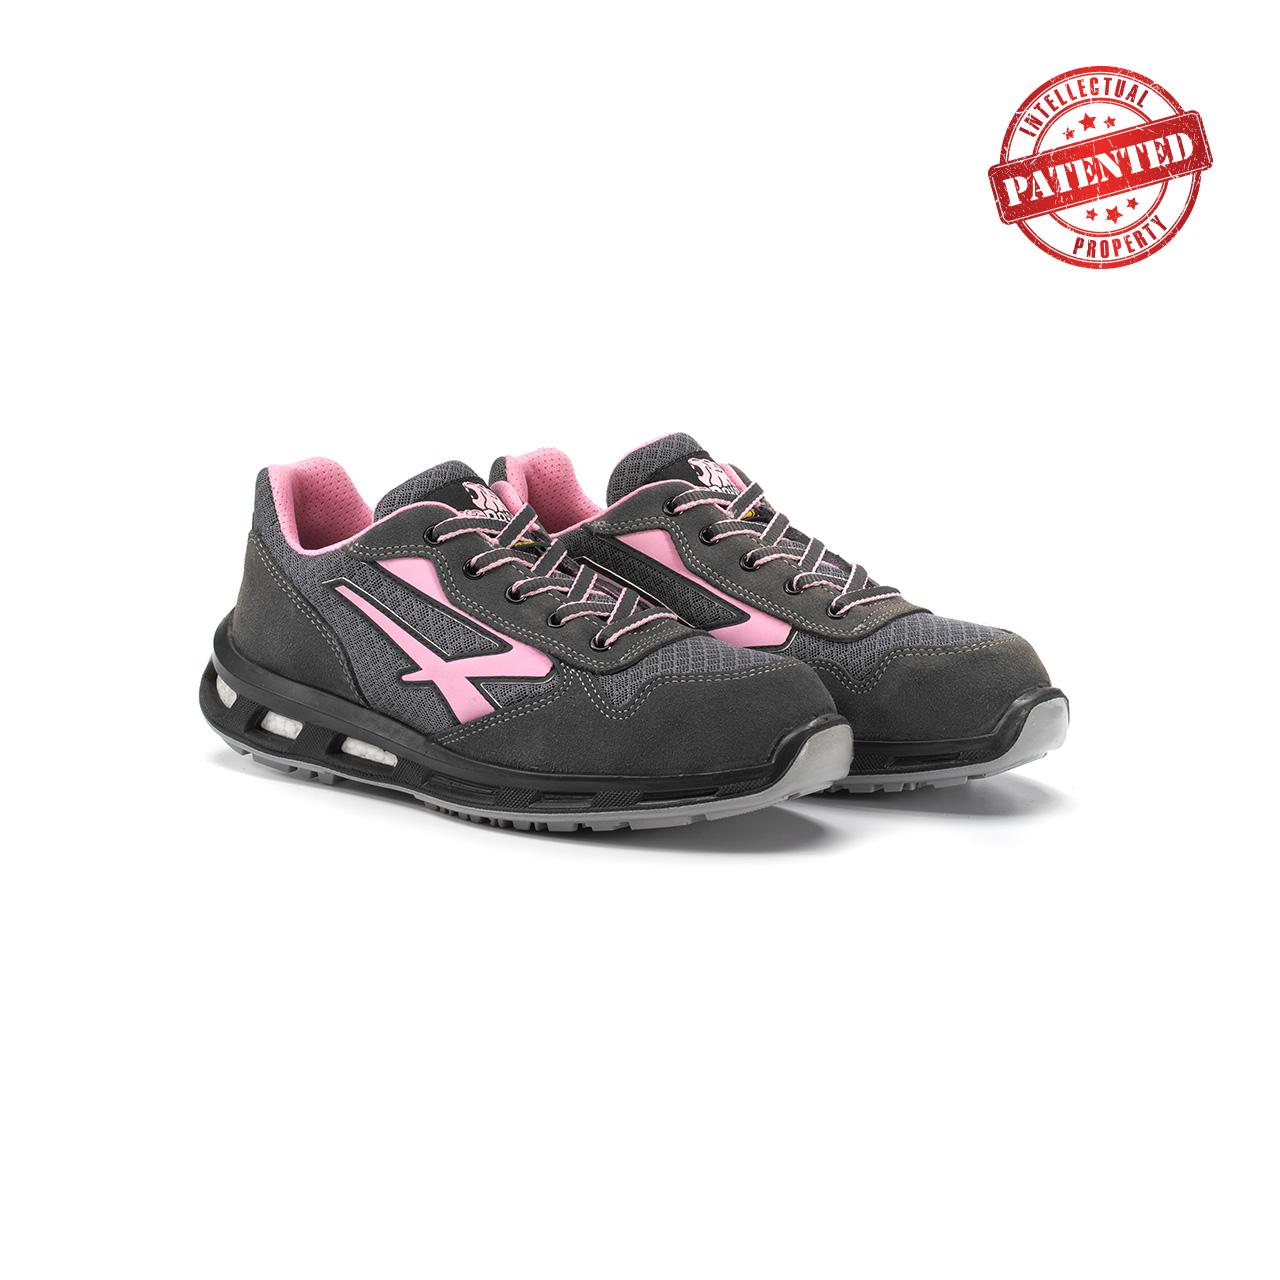 paio di scarpe antinfortunistiche upower modello cherry linea redlion vista prospettica